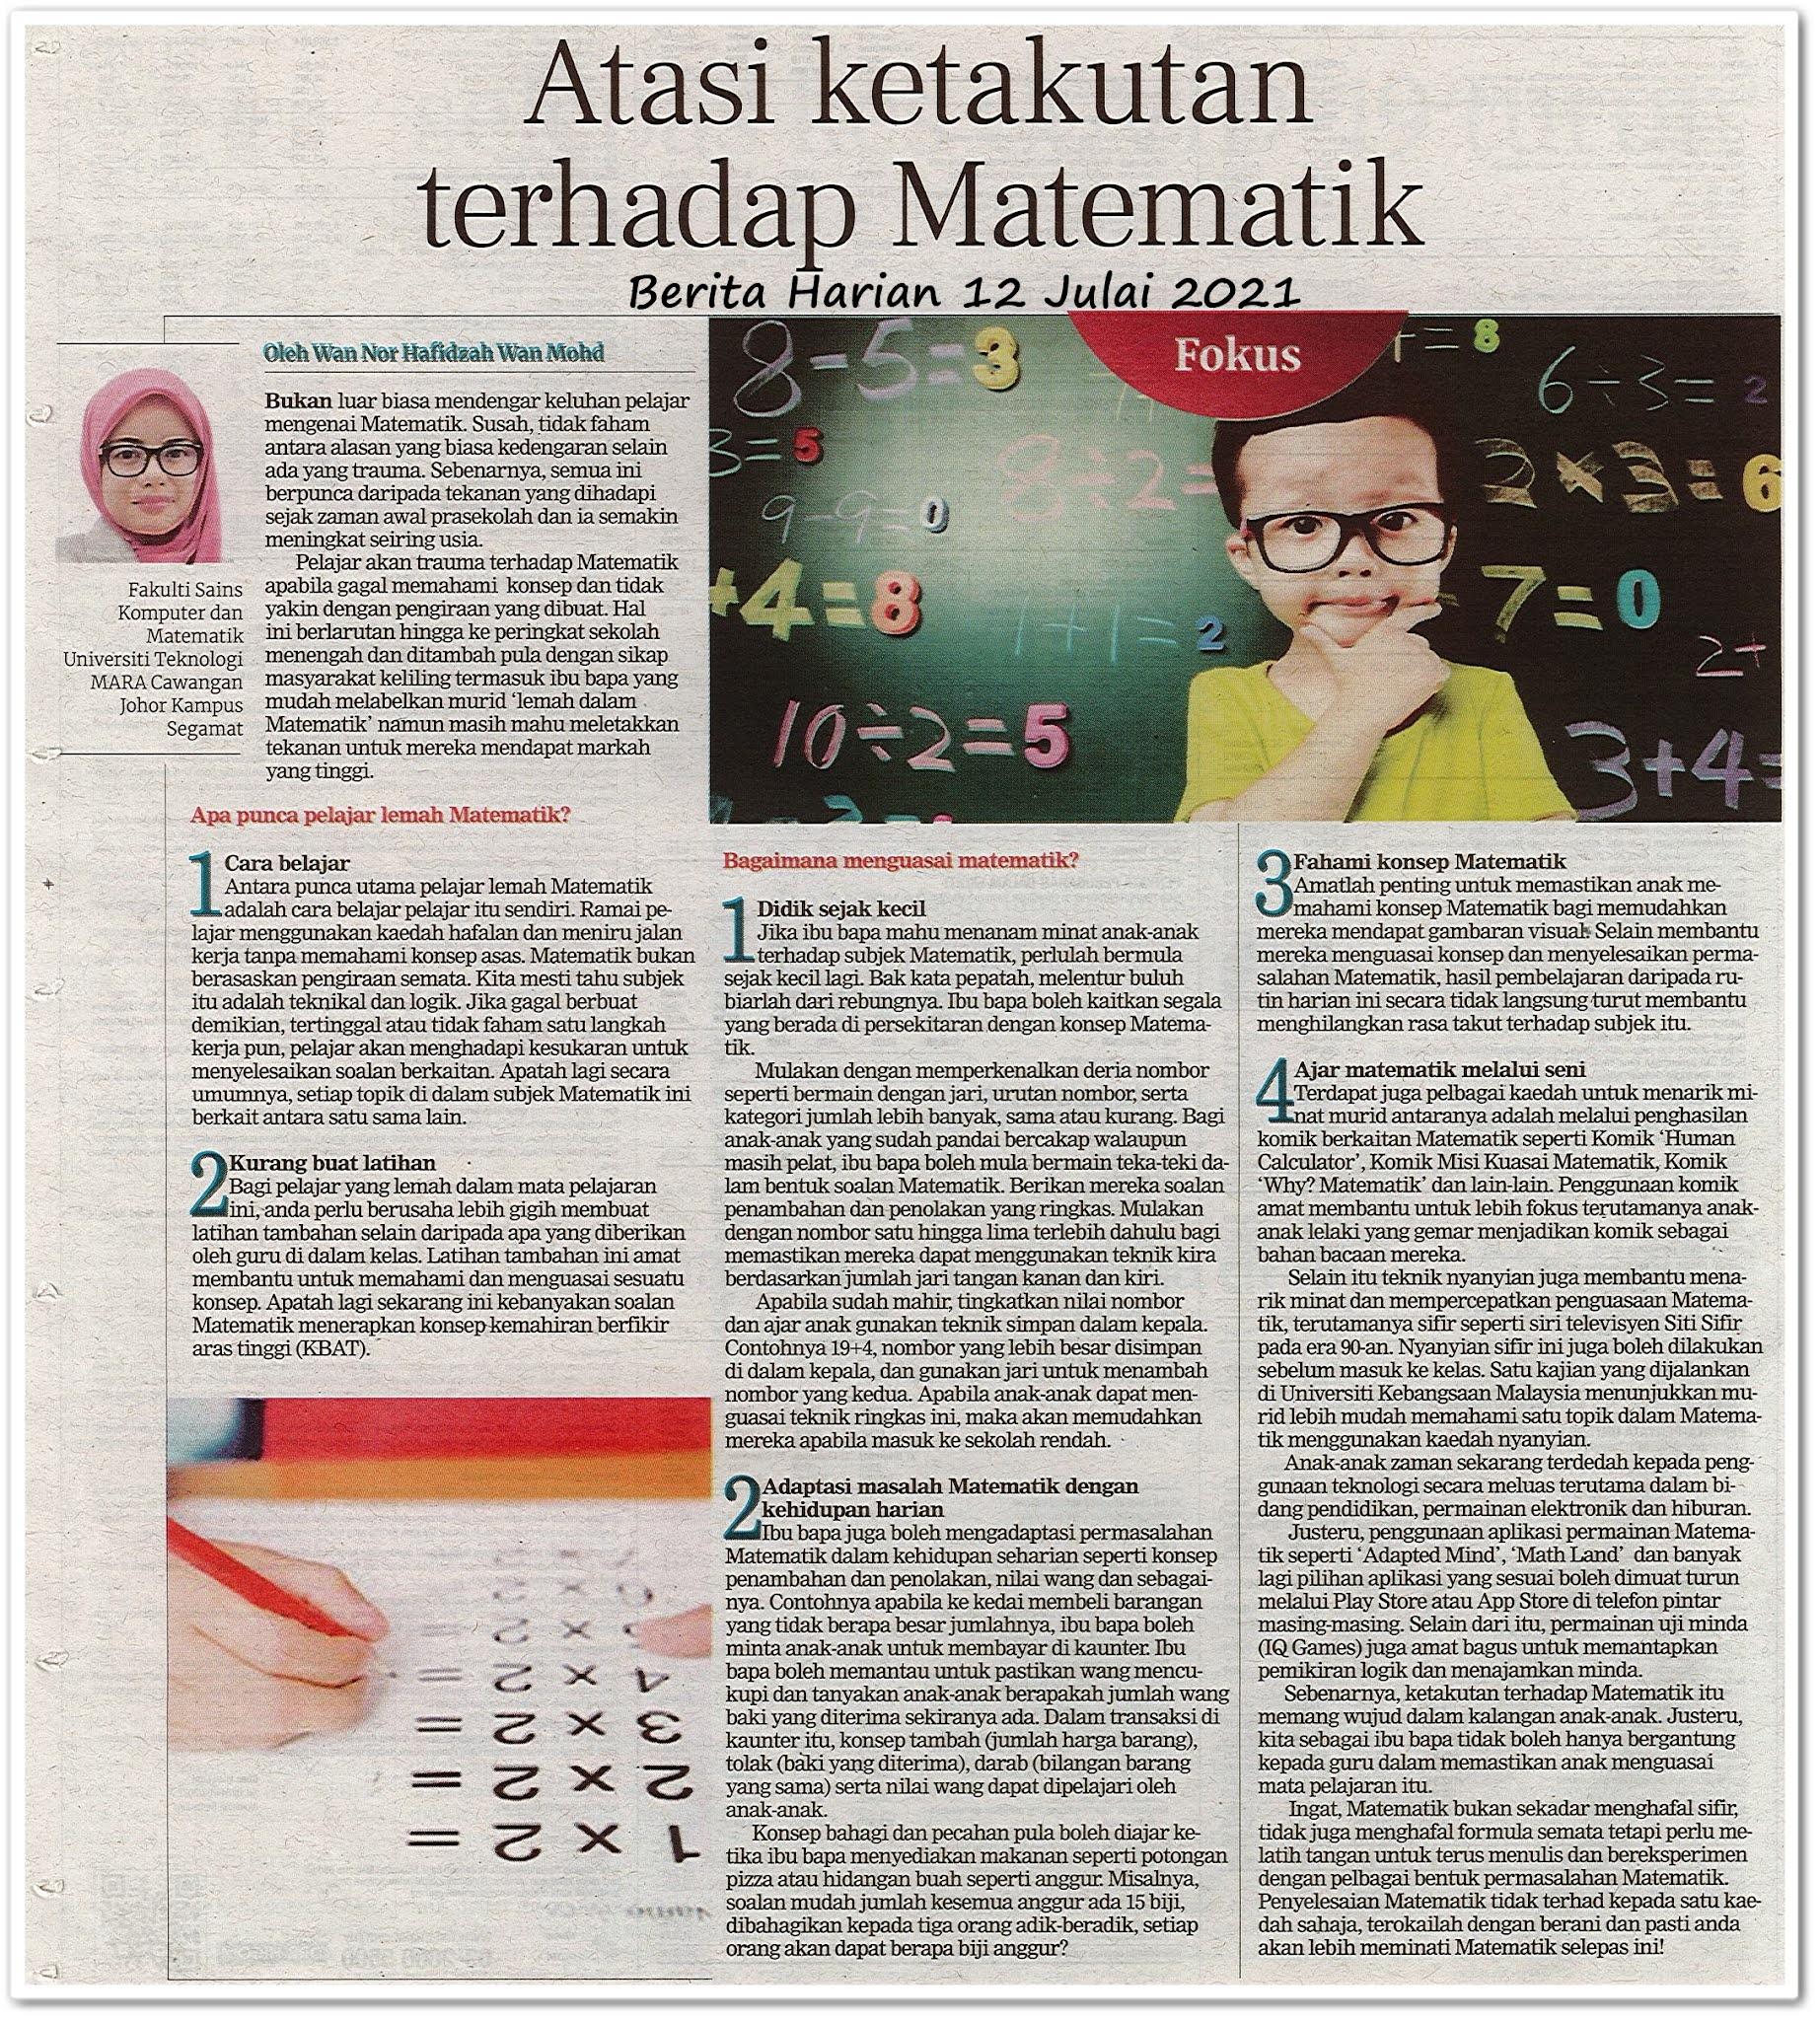 Atasi ketakutan terhadap Matematik - Keratan akhbar Berita Harian 12 Julai 2021